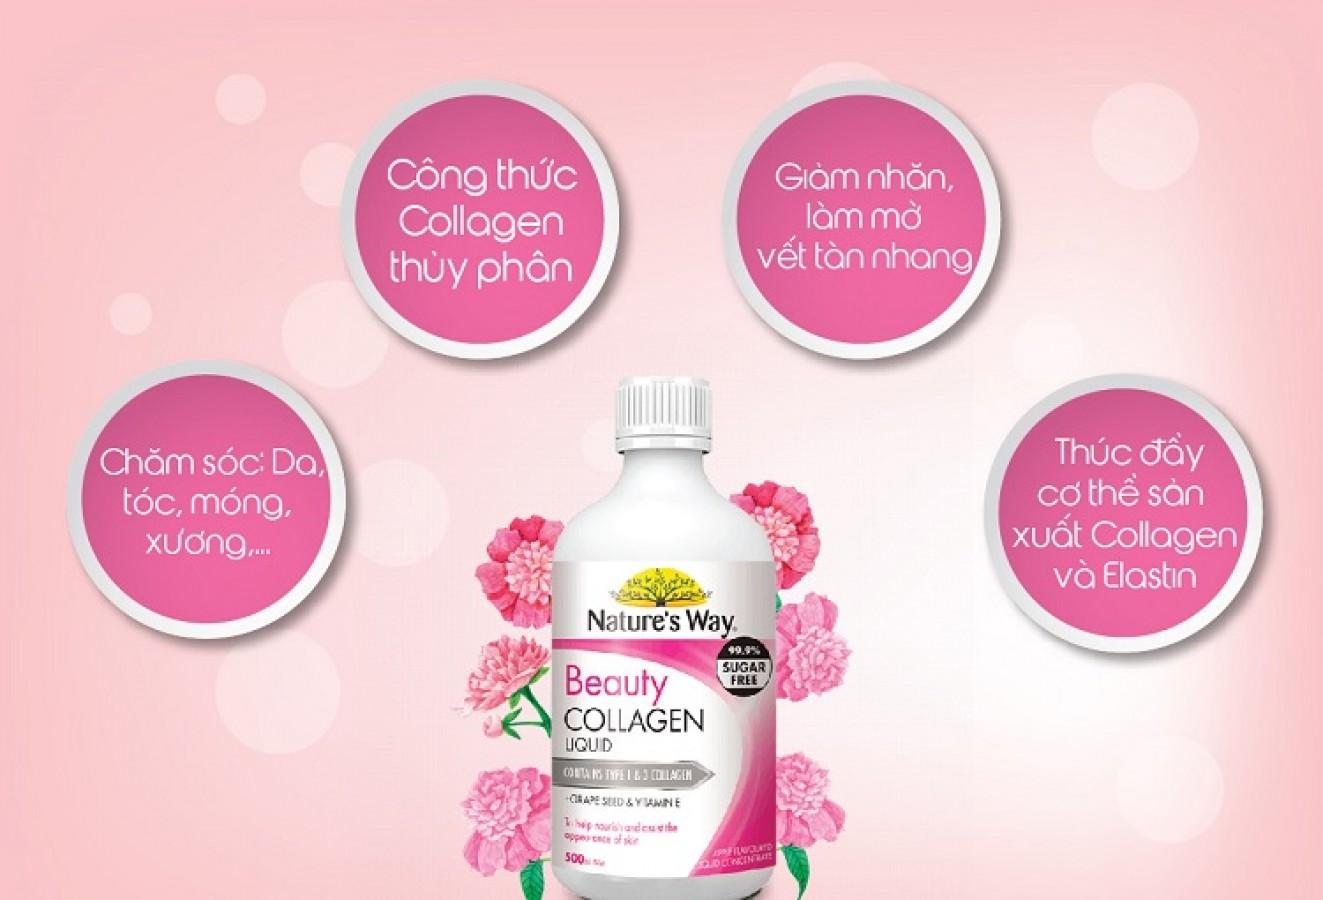 Nature's Way Beauty Collagen Liquid 500ml